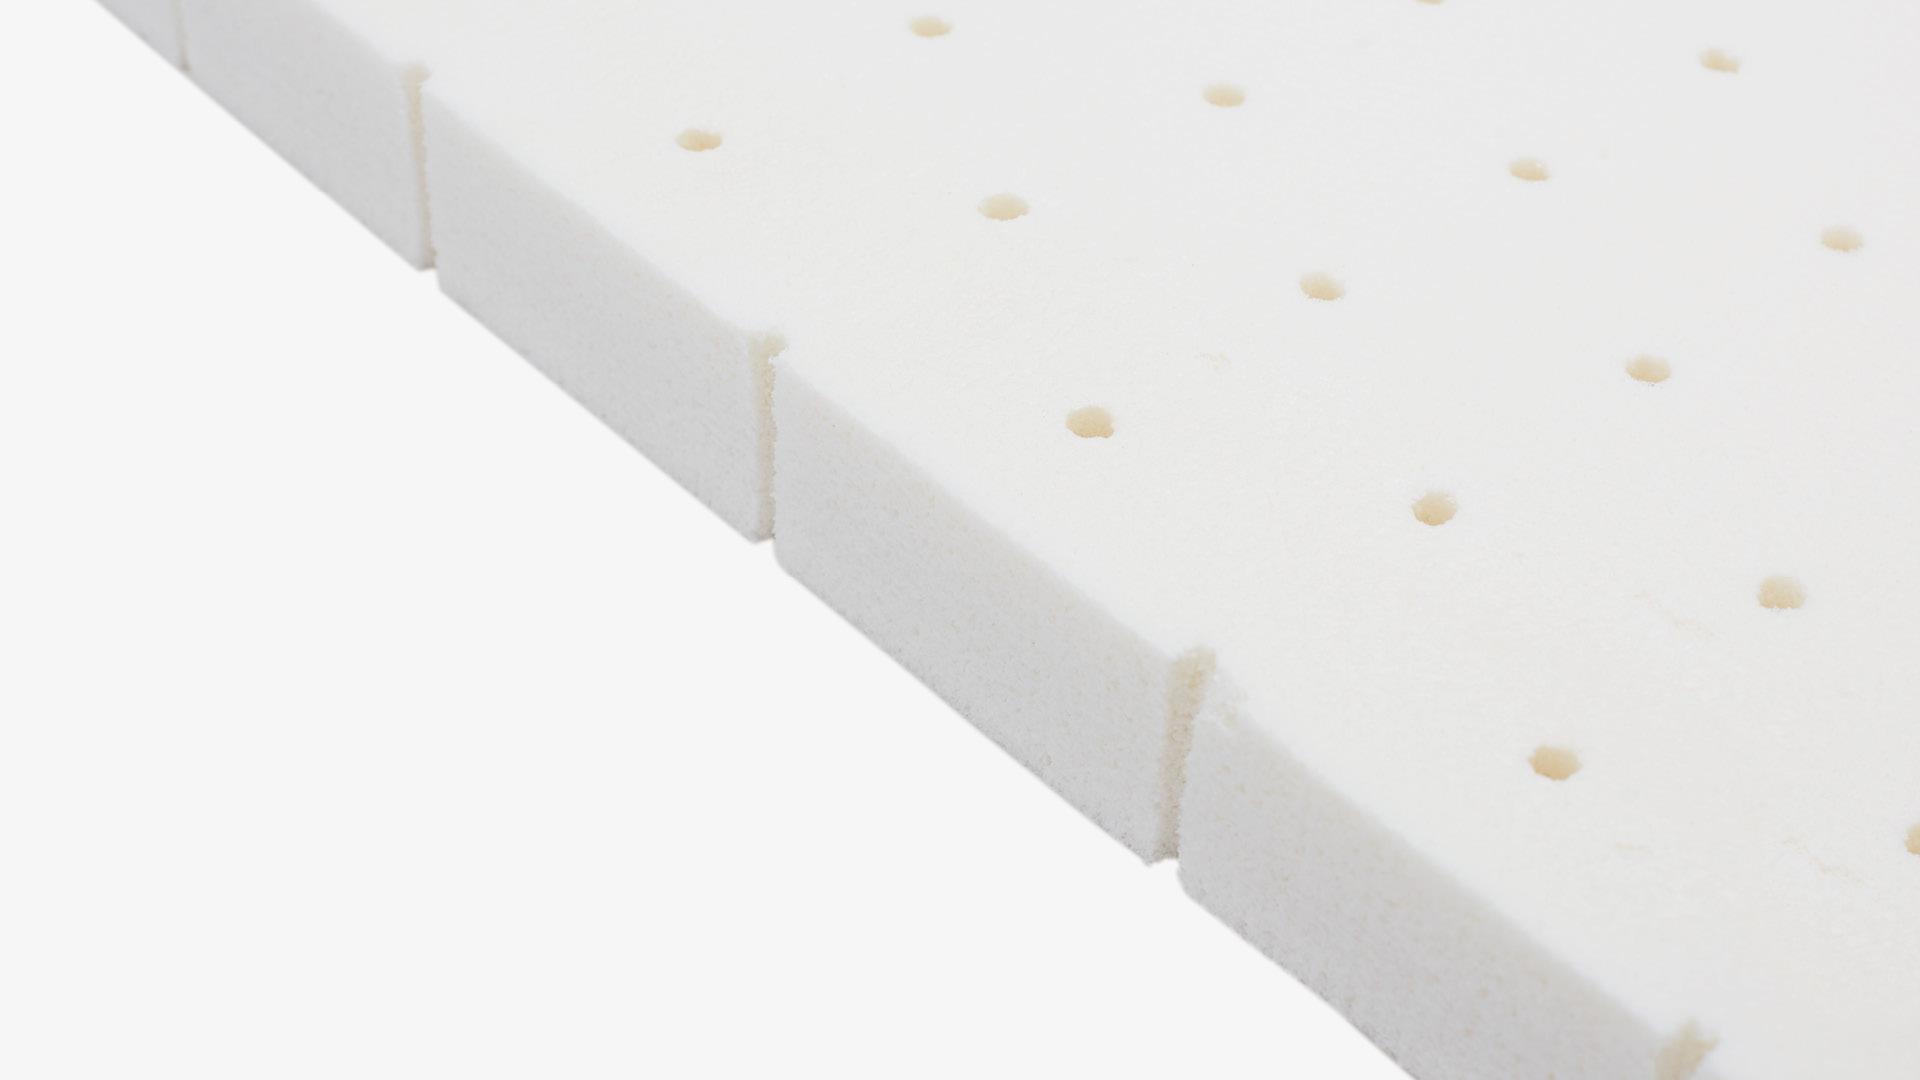 天然乳胶垫层<br/>快速回弹,紧贴身体曲线